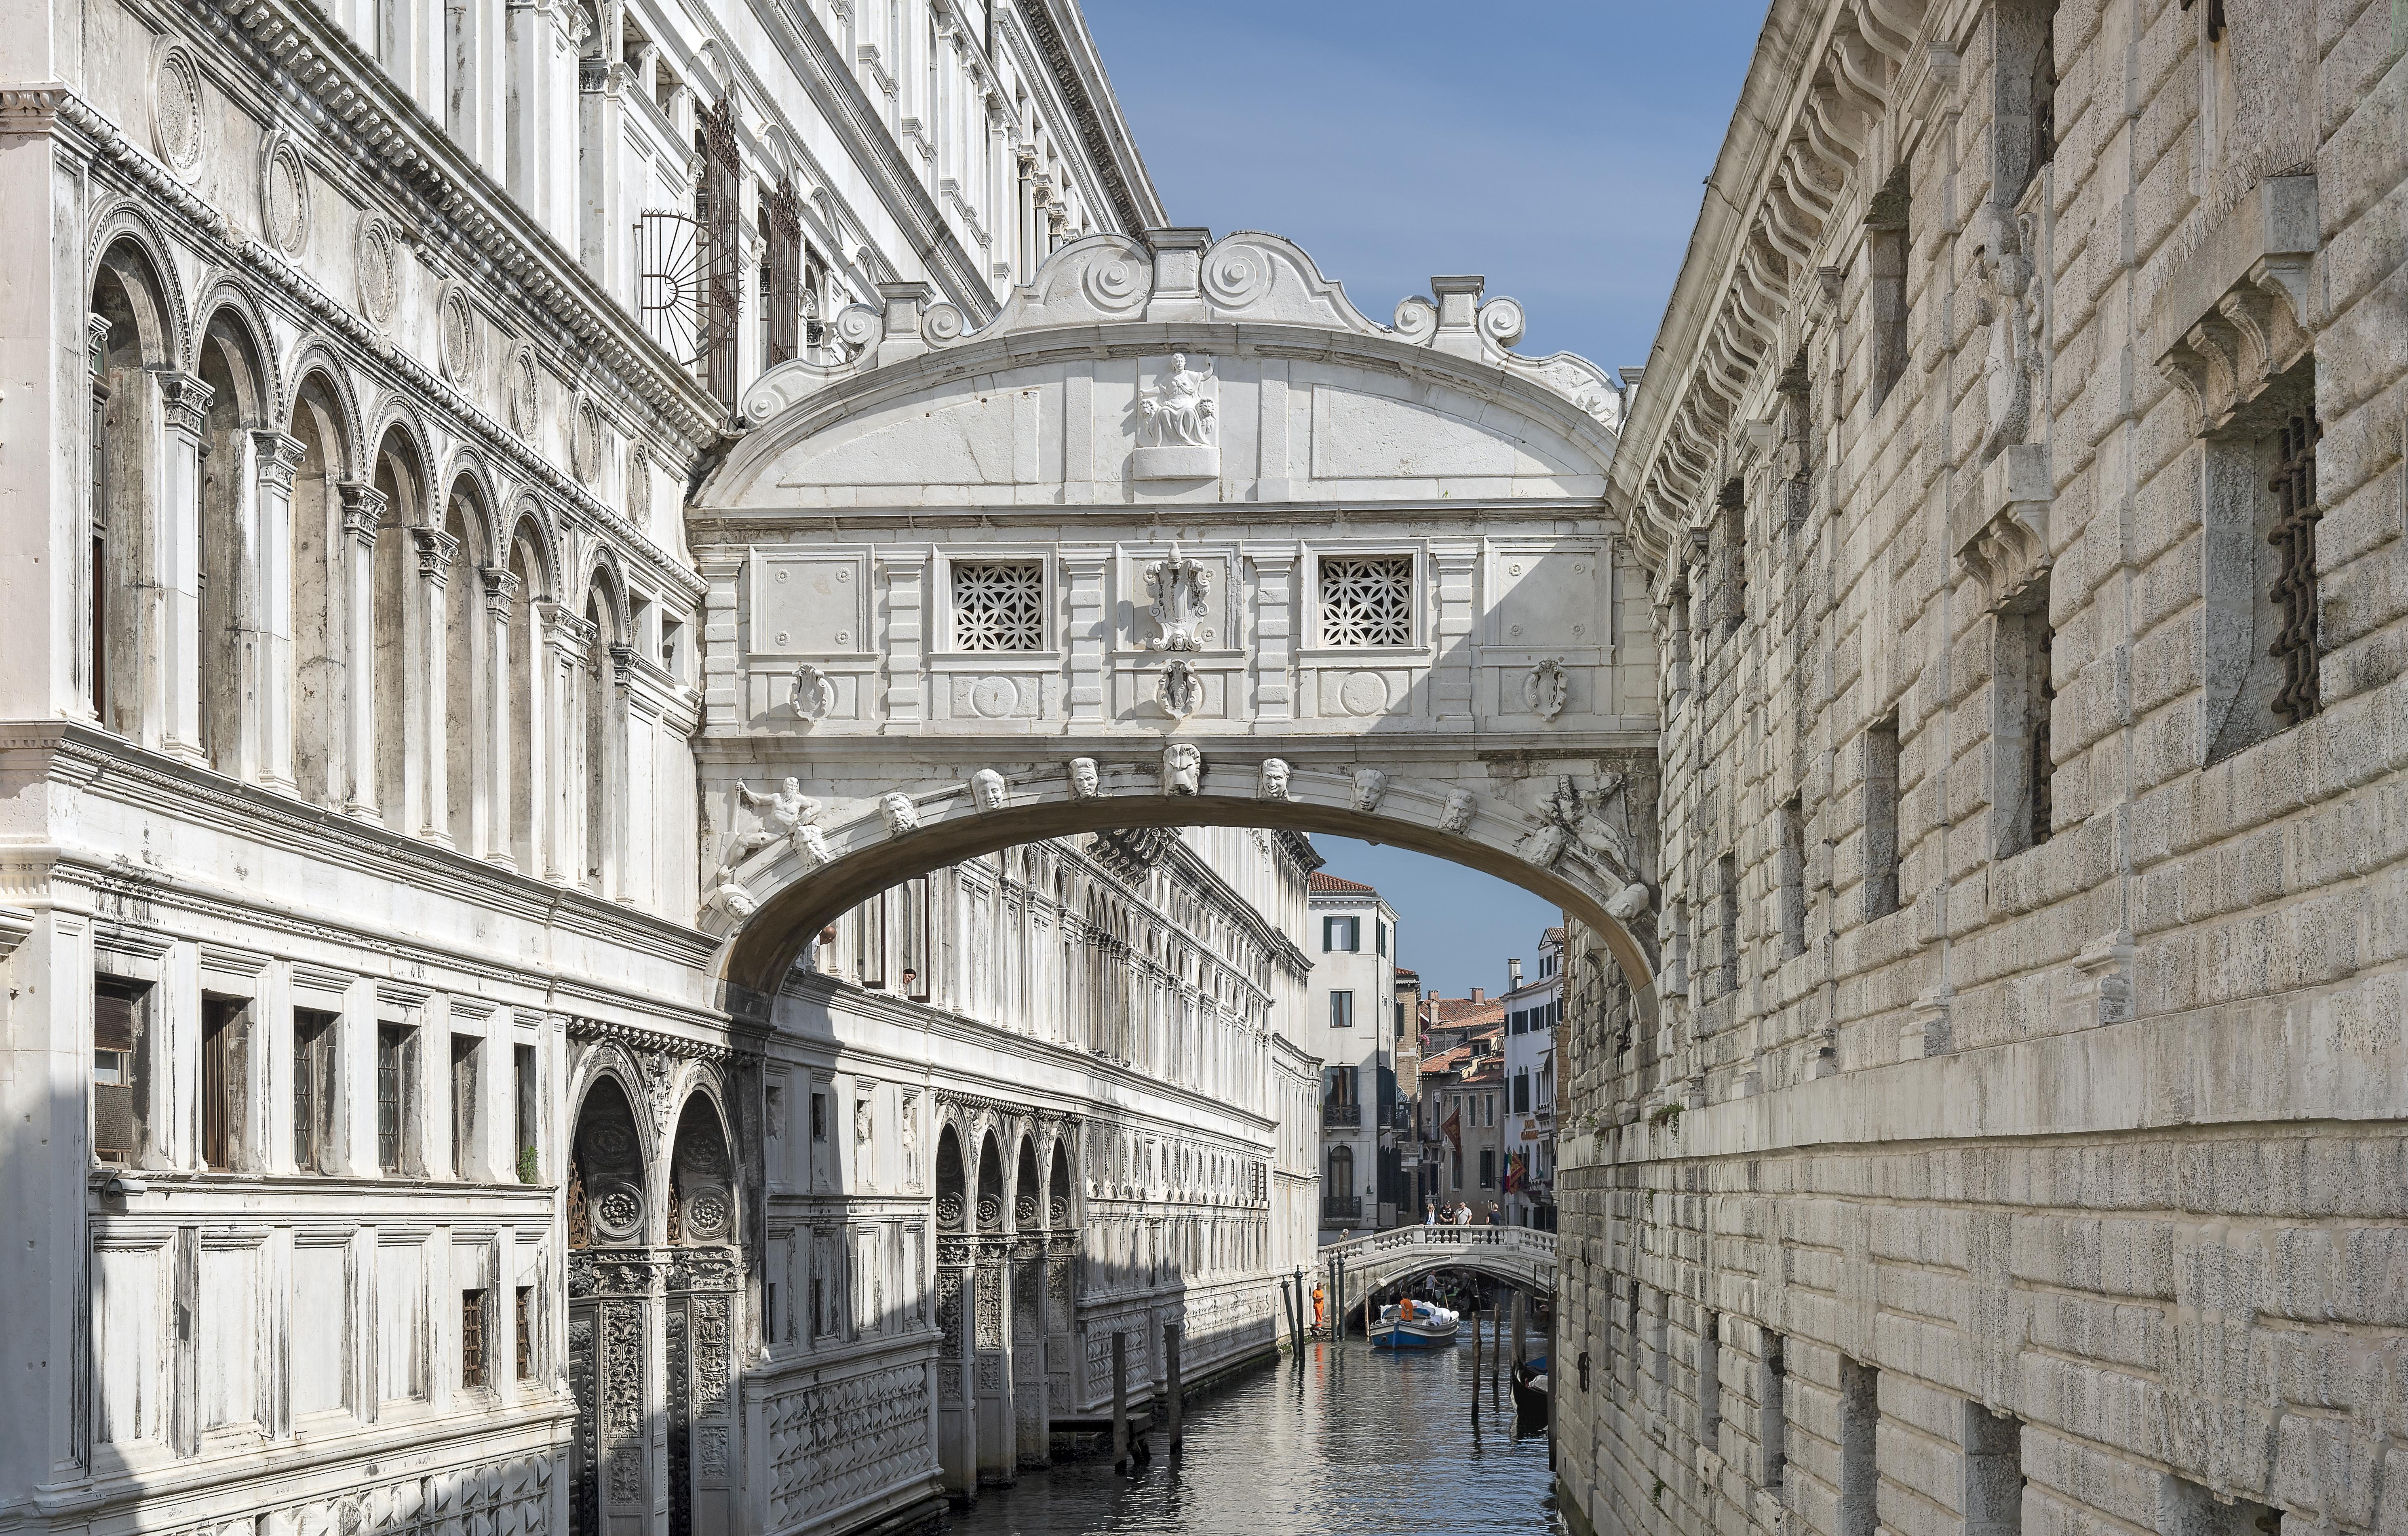 Венеция. Мост вздохов. Источник иллюстрации: Викимедиа